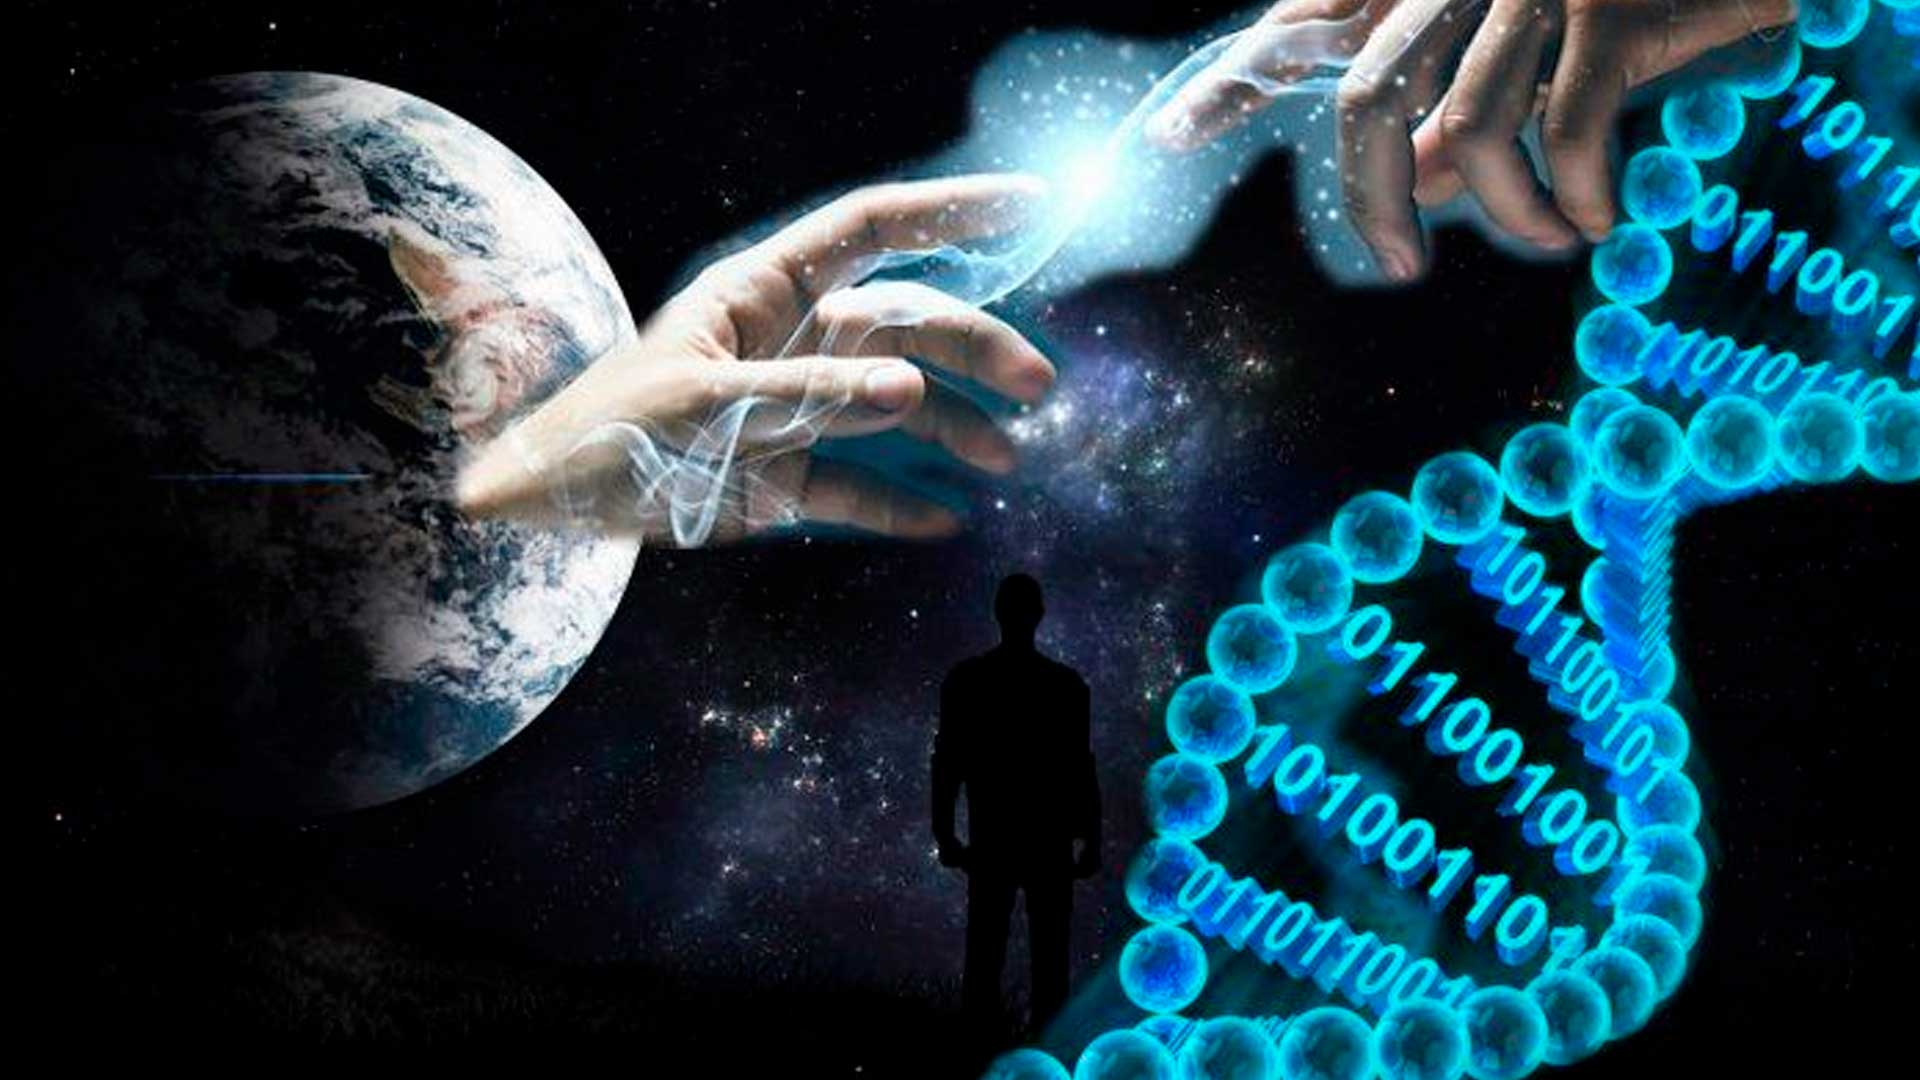 Científicos demuestran que el ADN puede ser programado con una especie de lenguaje informático